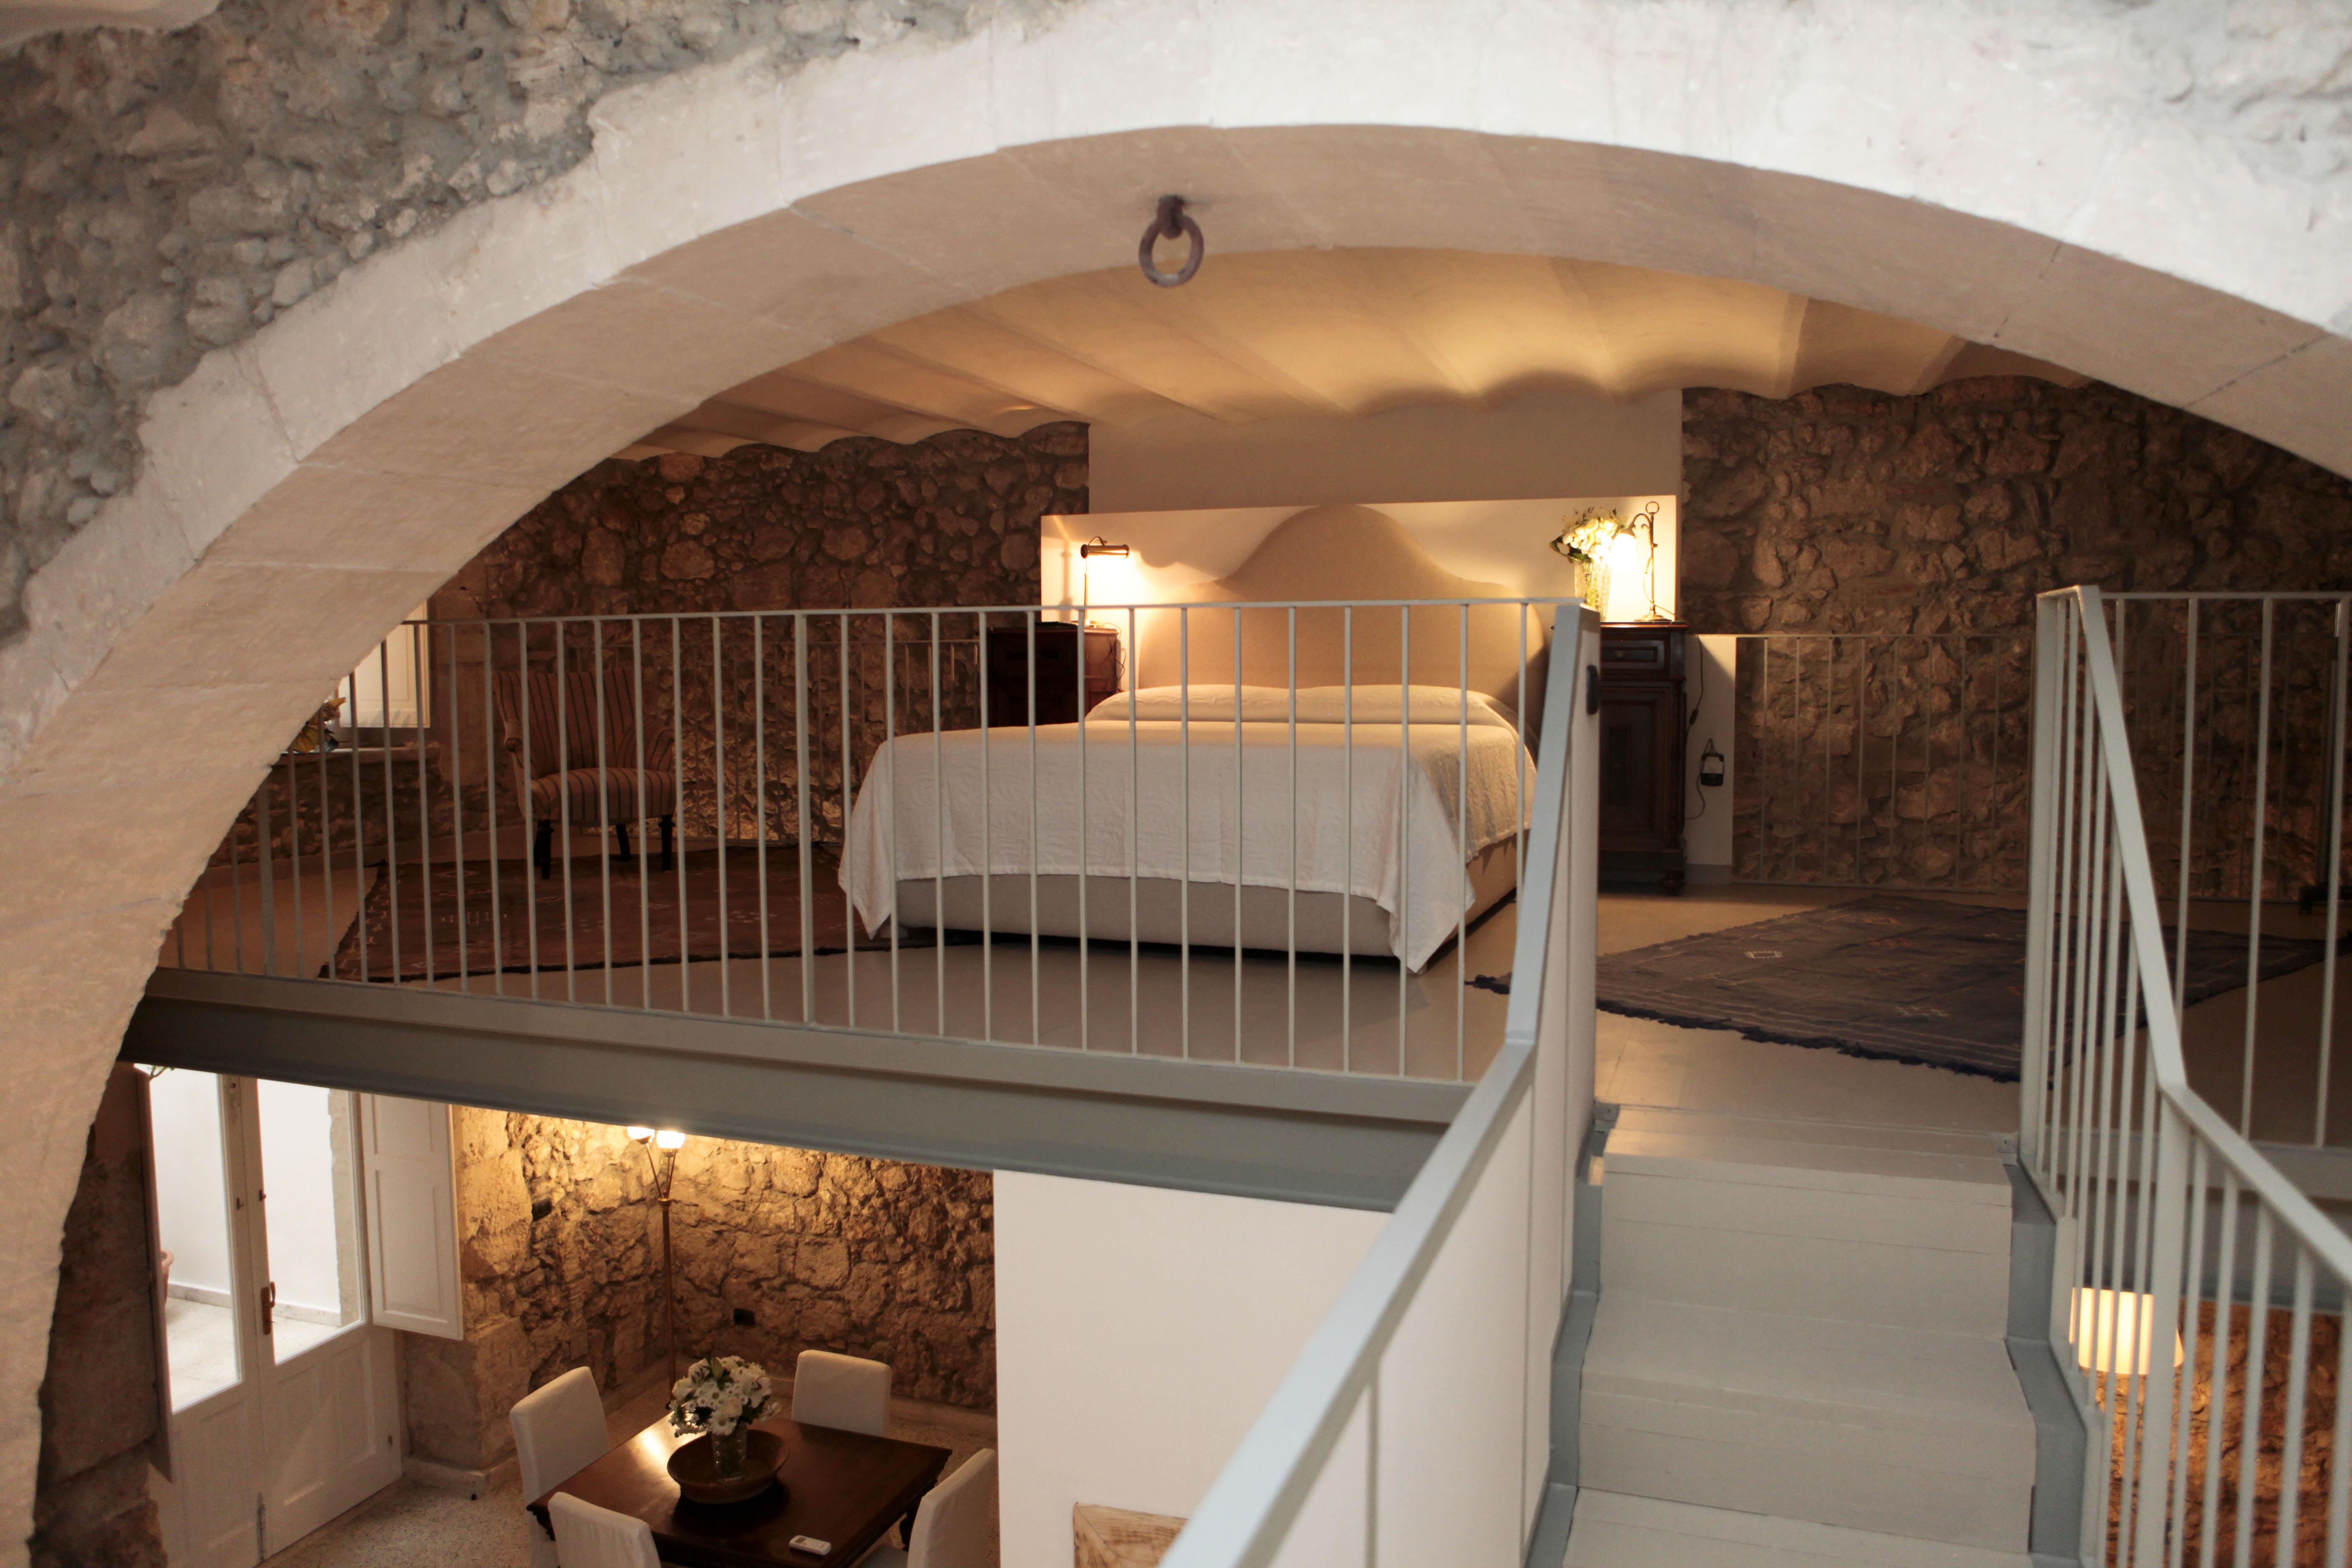 Case Arredate Con Gusto la casa sulla darsena - lofts for rent in syracuse, sicilia